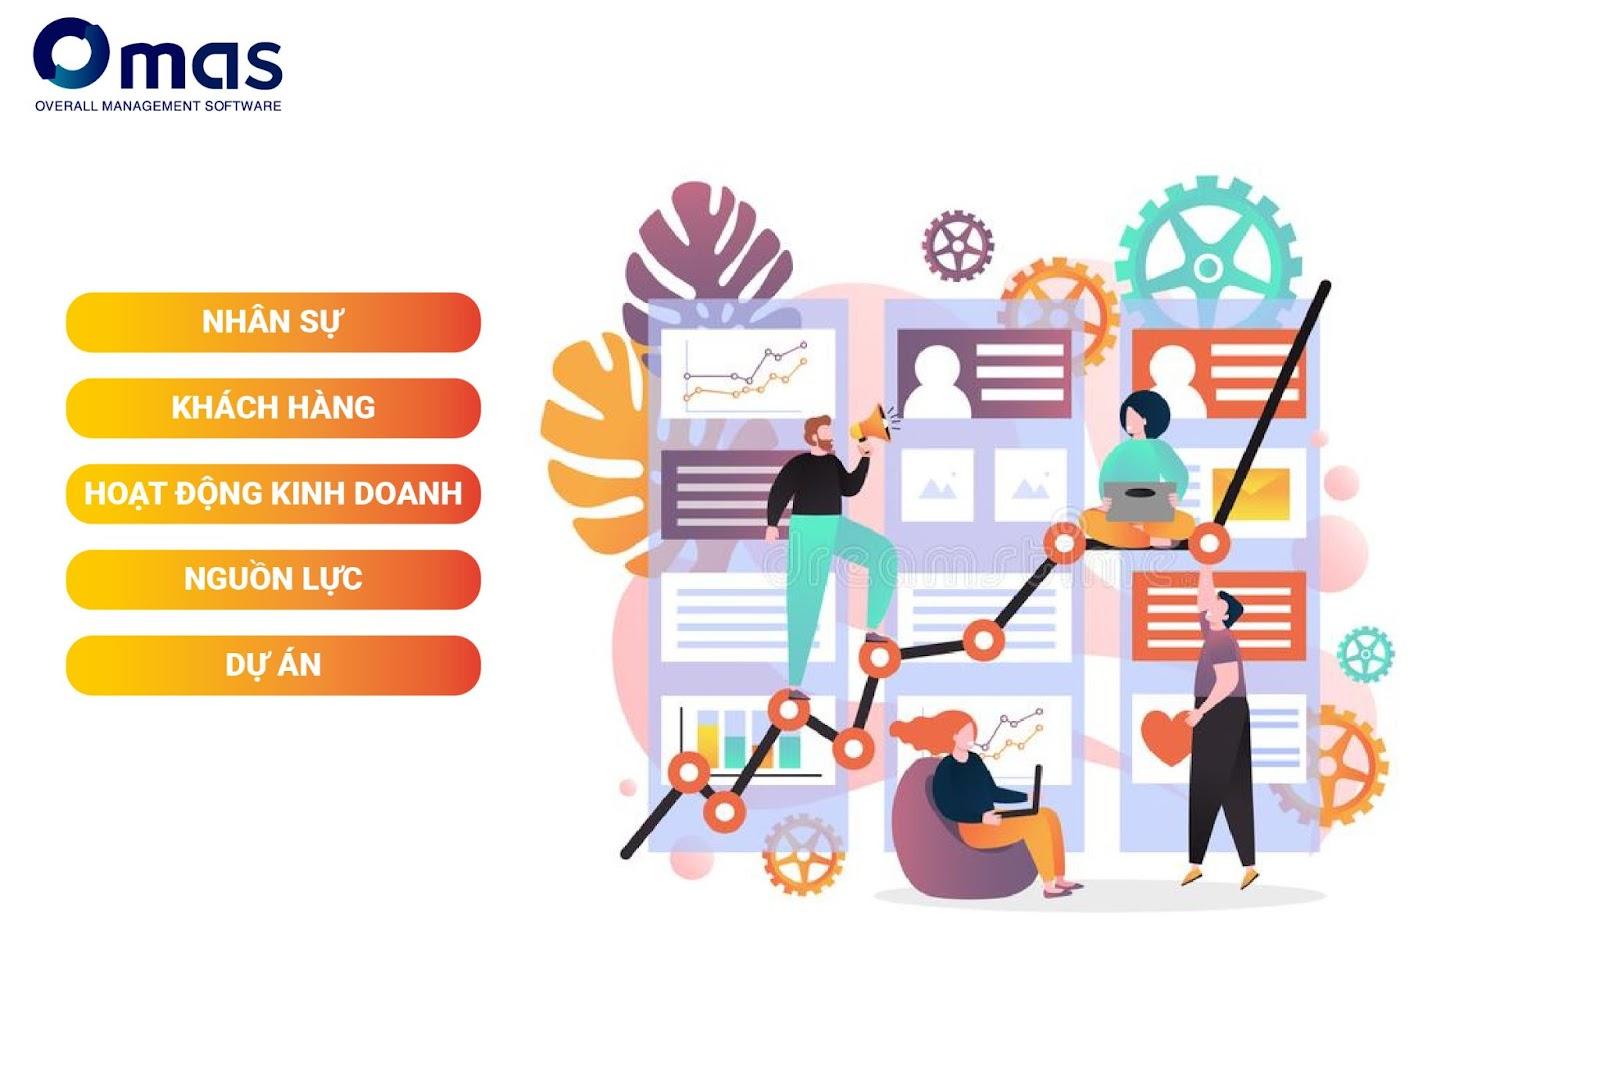 Các yếu tố bên trong ảnh hưởng đến quản lý doanh nghiệp